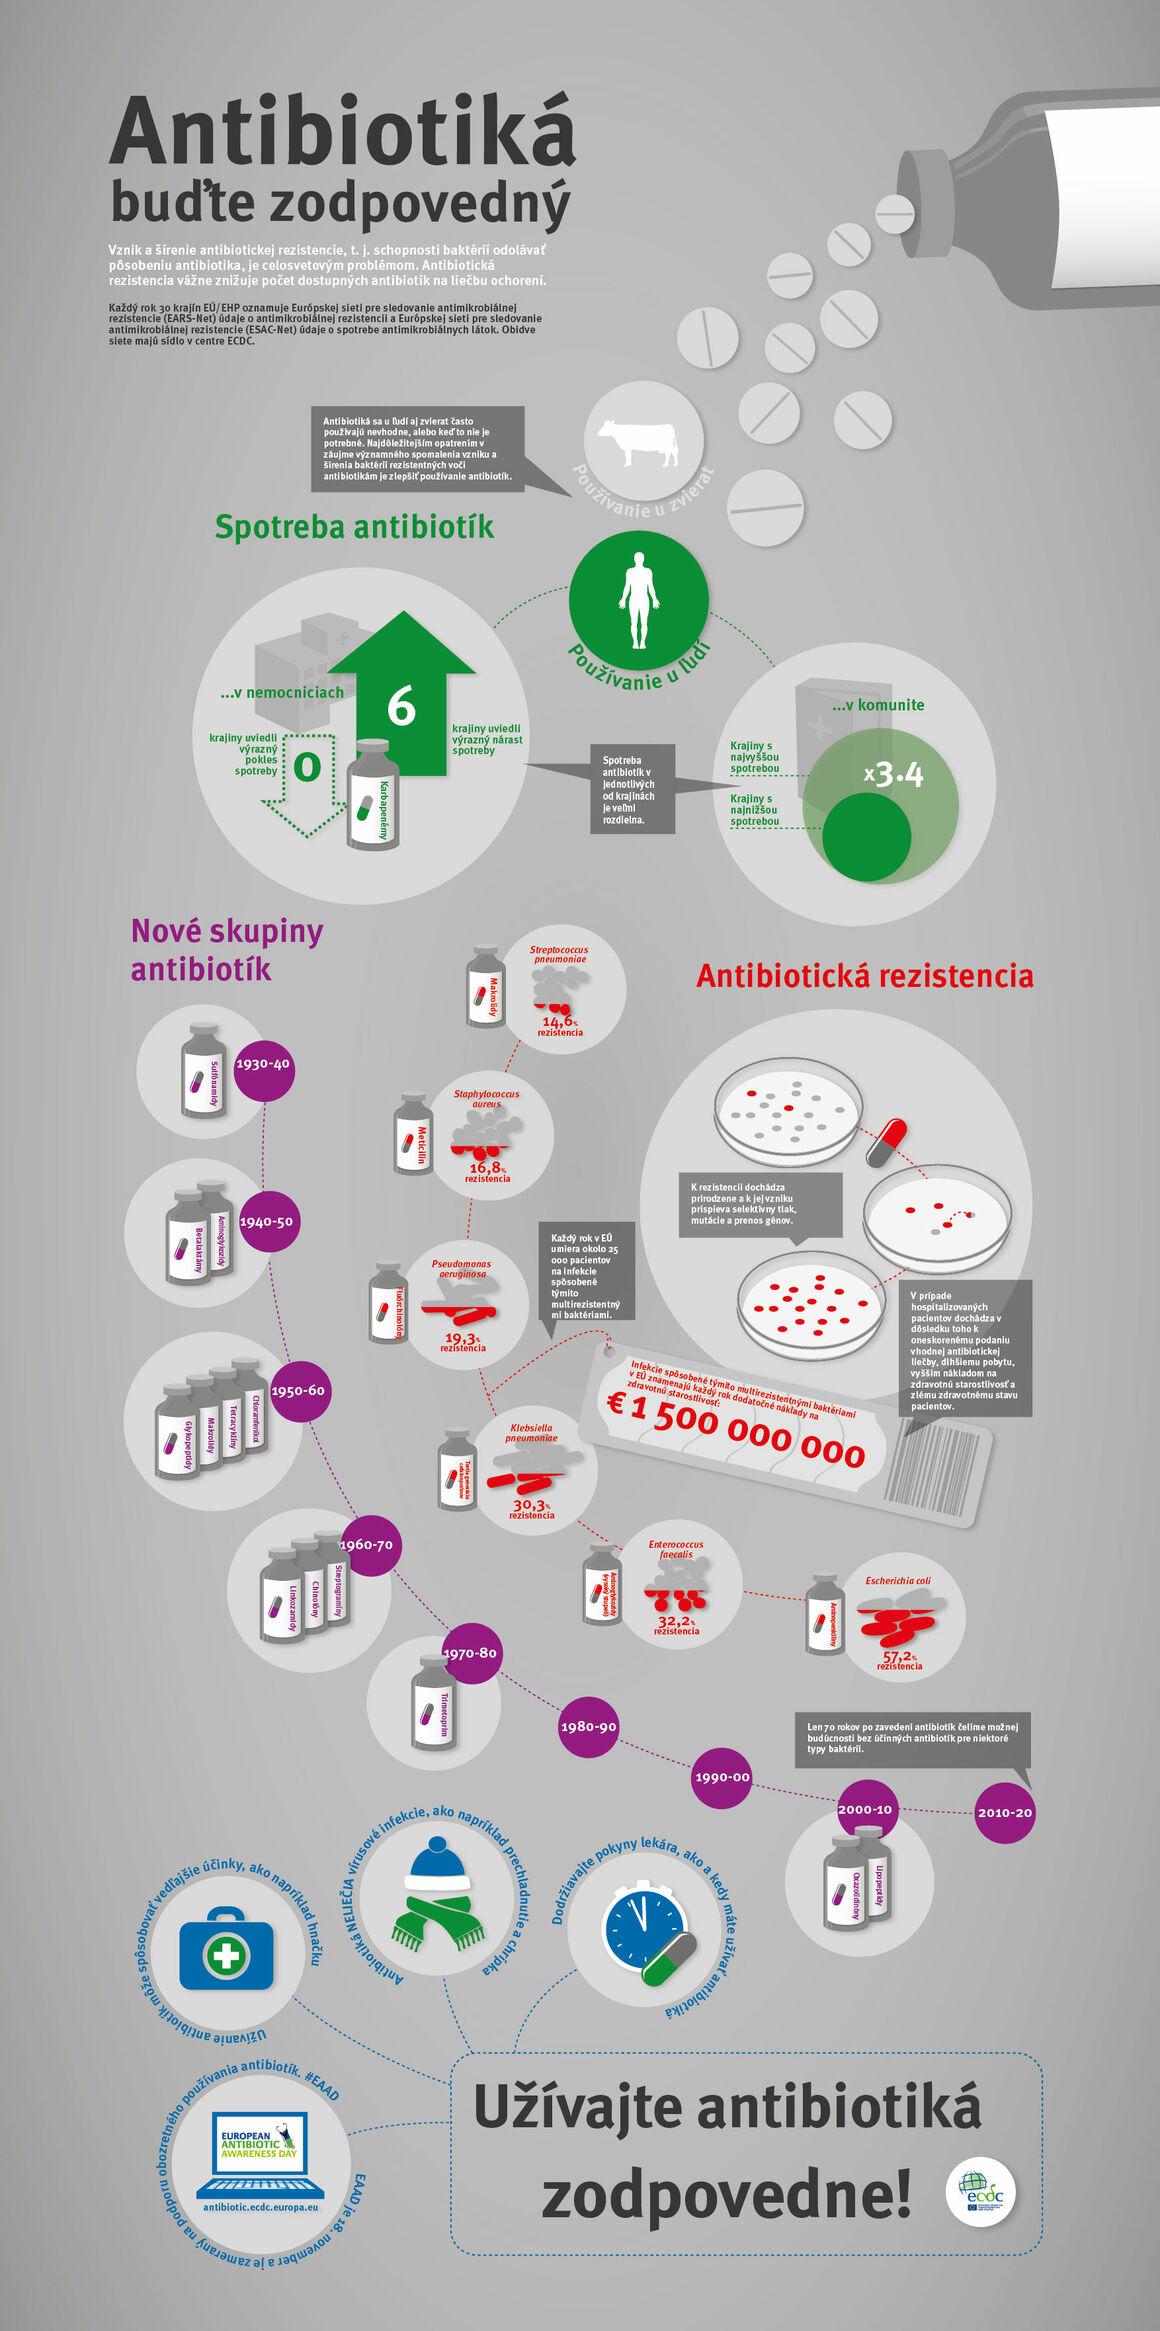 Antibiotiká - buďte zodpovedný